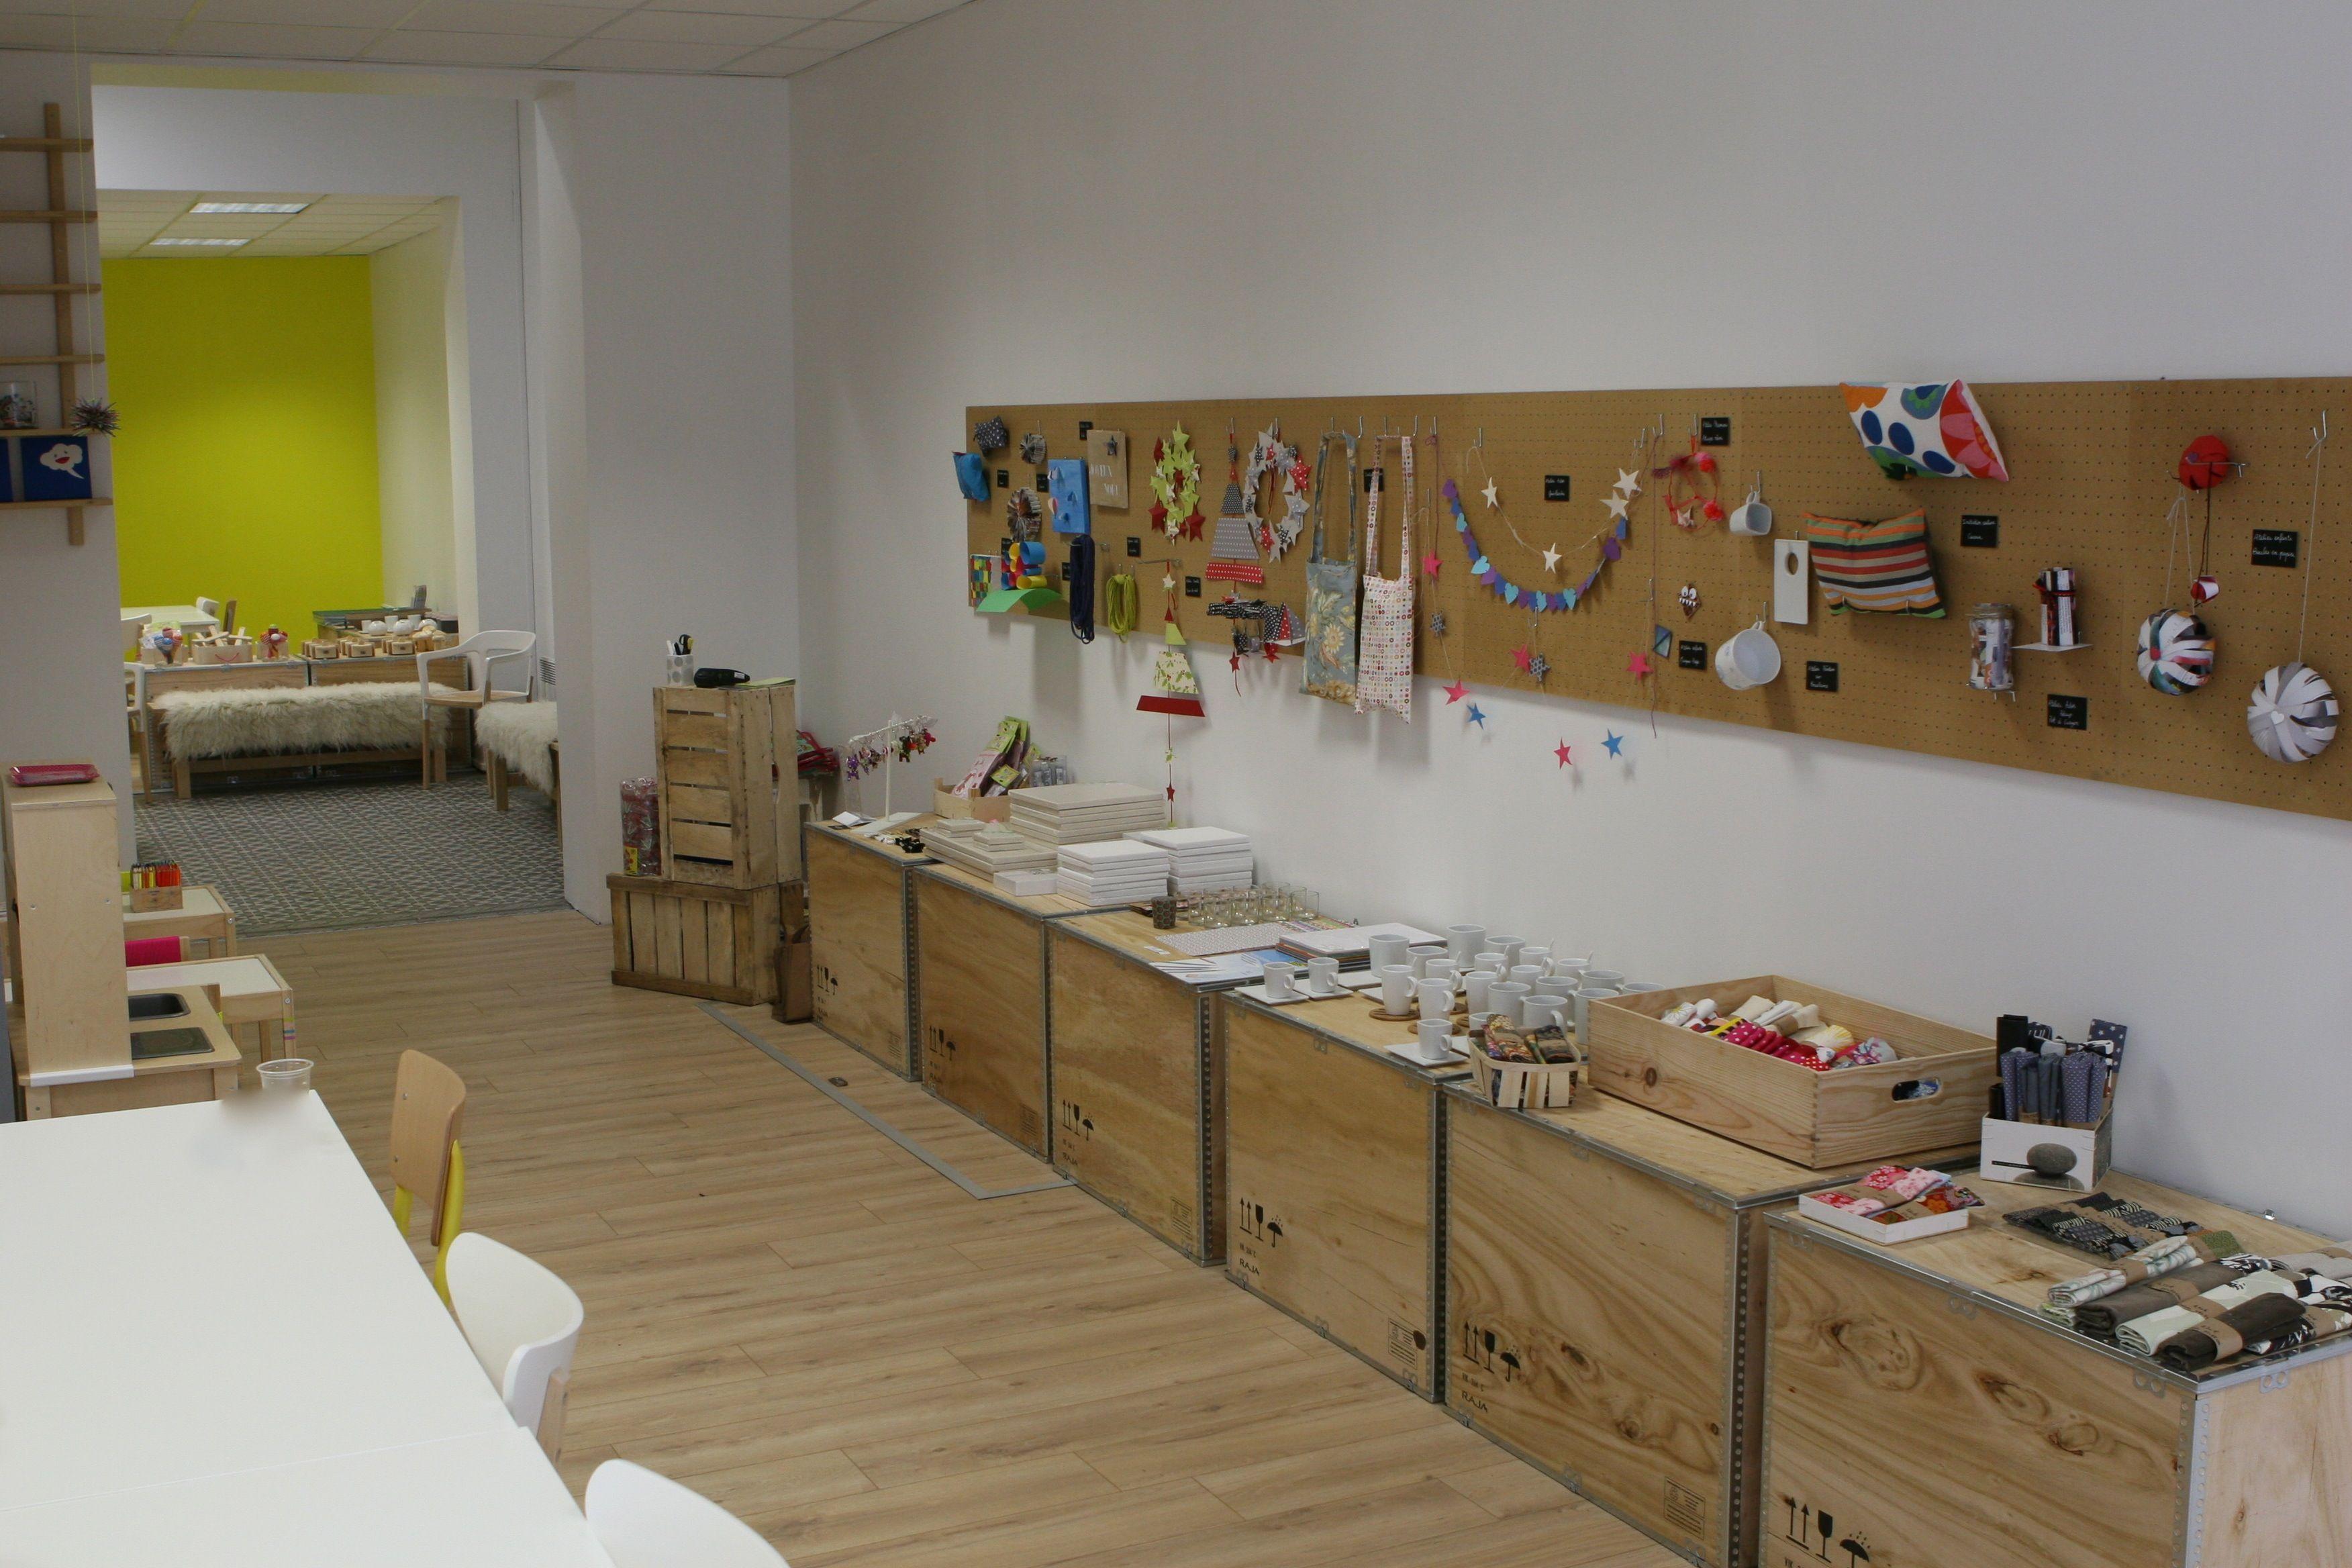 Visite Guidee De L Atelier L Atelier Des Petites Creations Deco Vitrine Atelier Deco